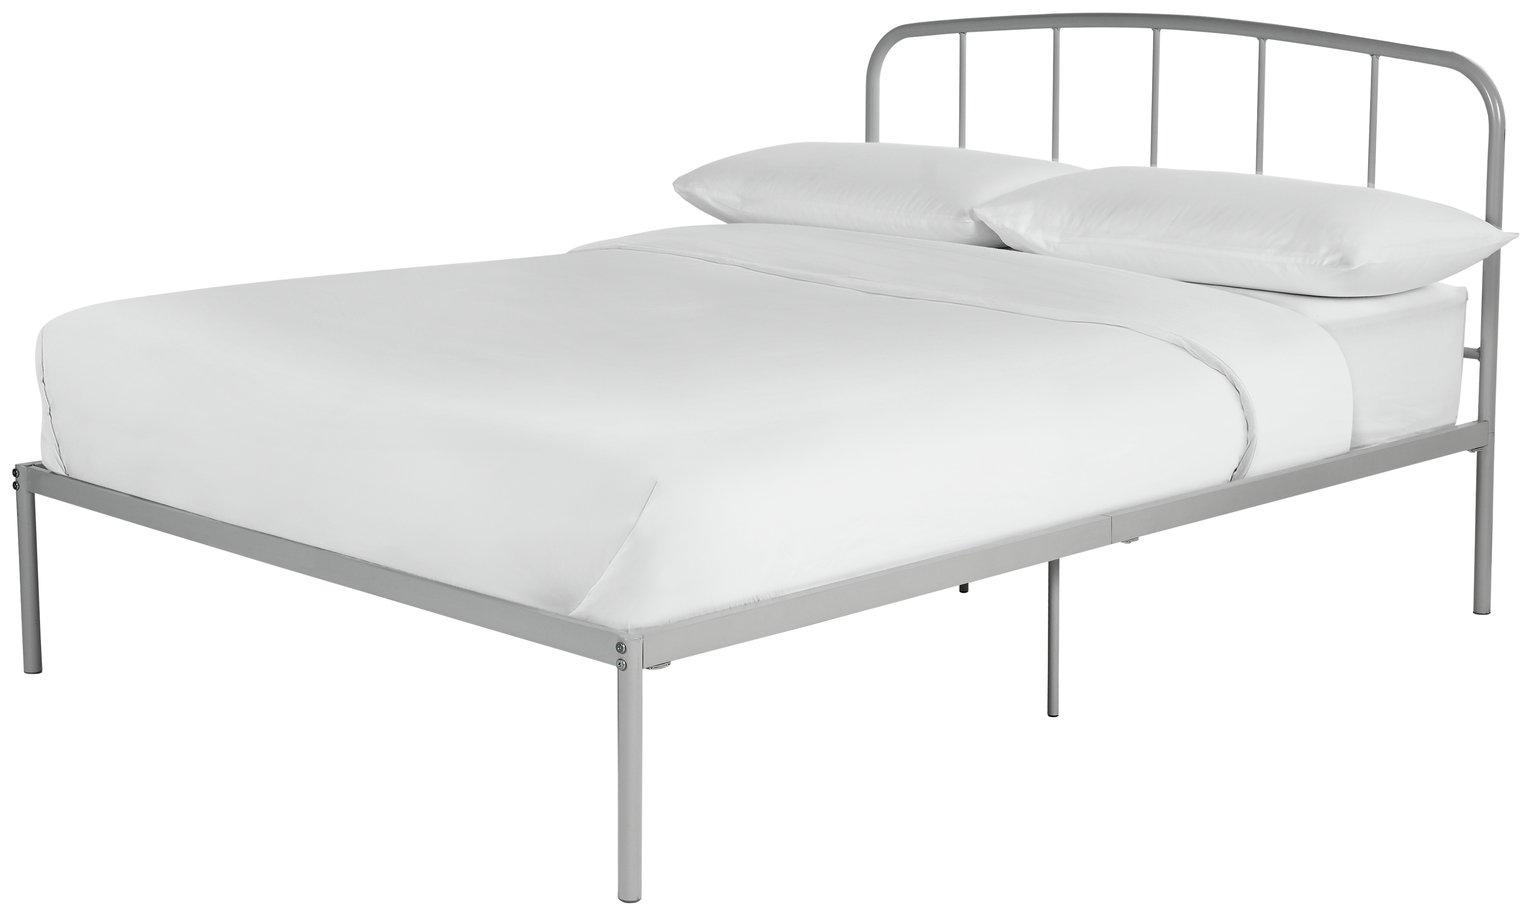 Argos Home Freja Double Bed Frame - Grey